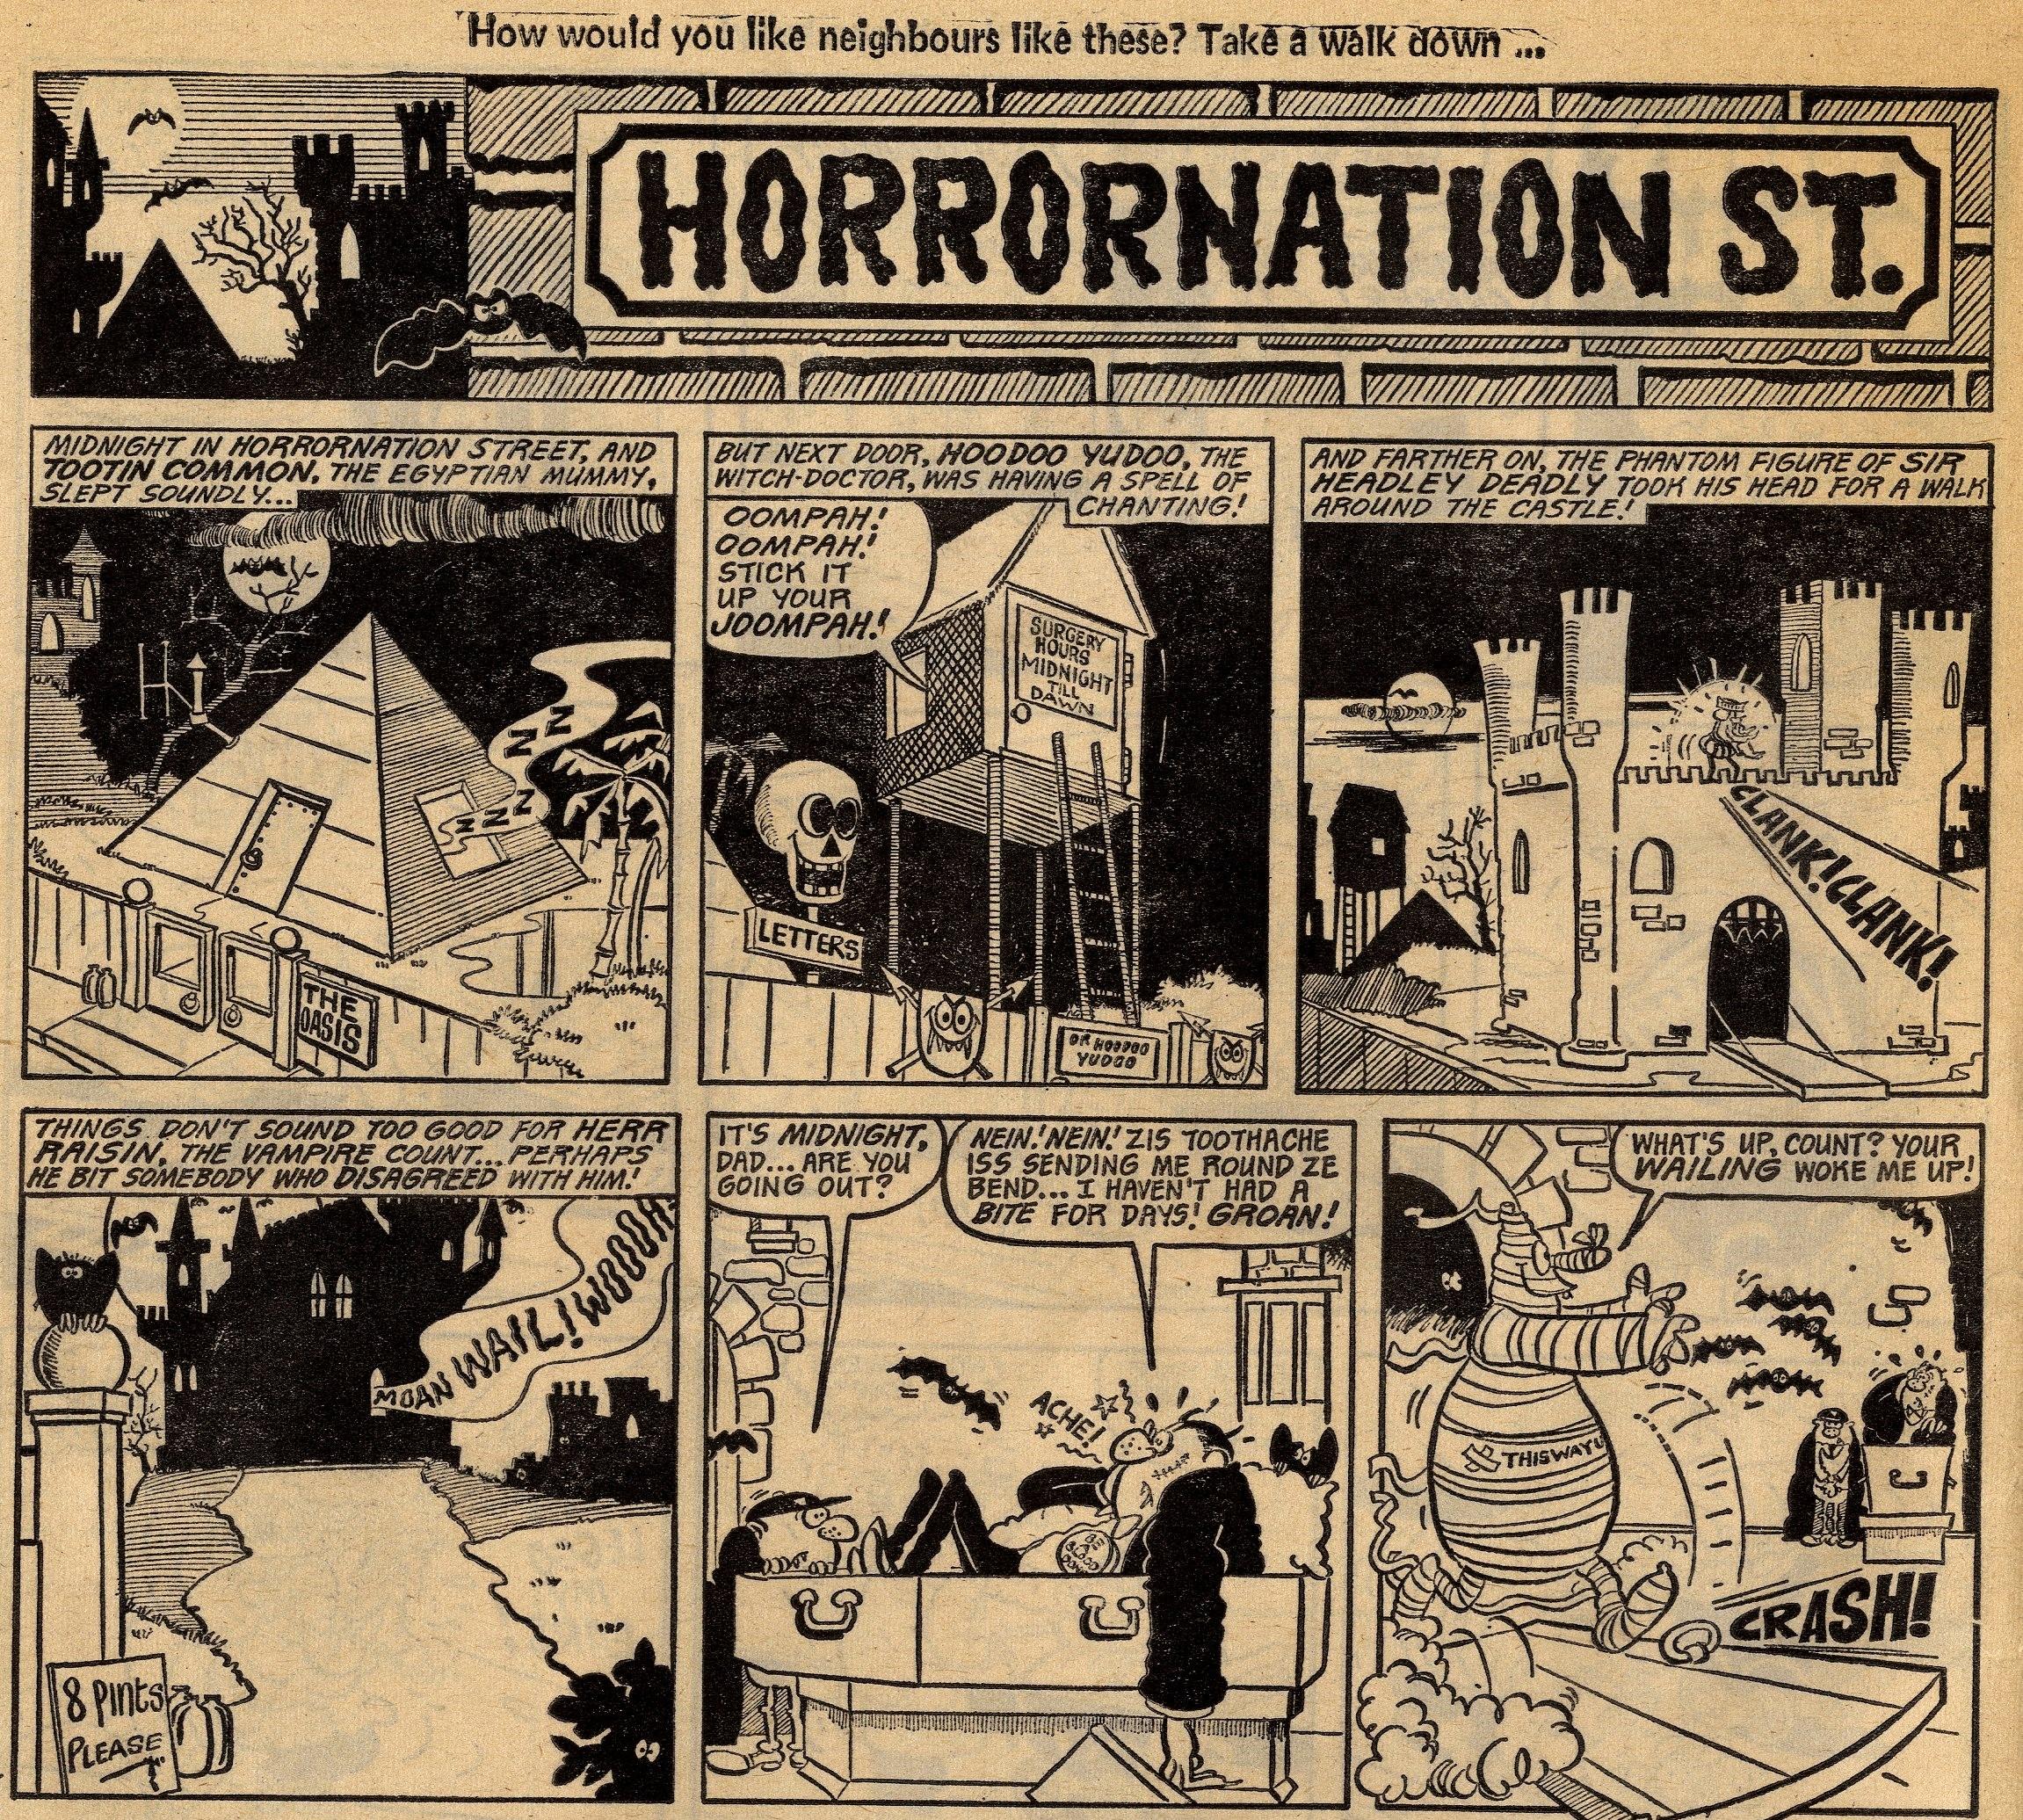 Horrornation St.: Tom Williams (artist)